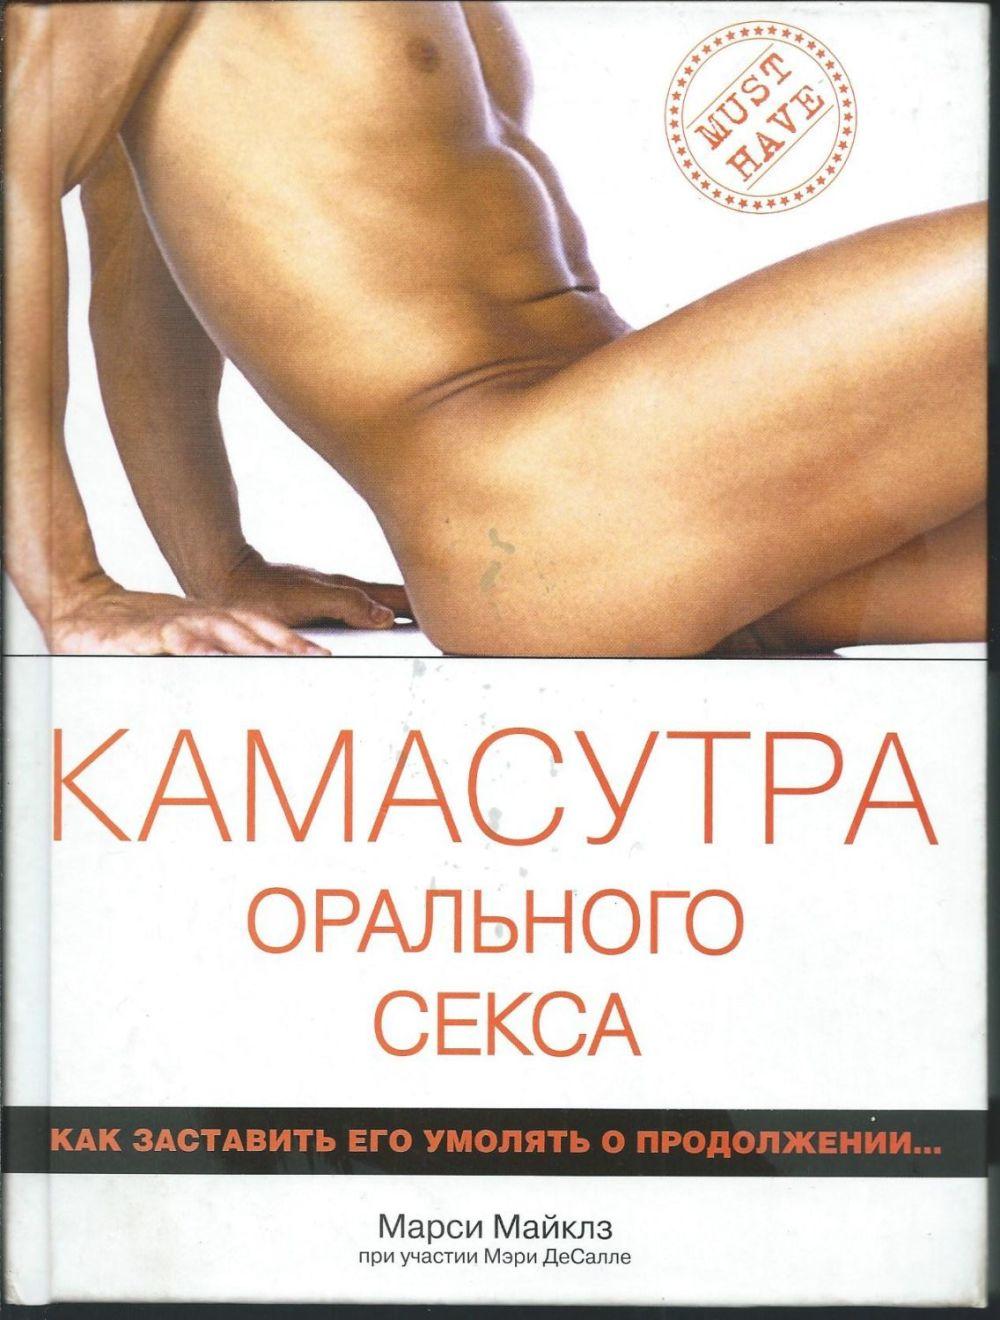 tehnika-oralnogo-seksa-posobie-onlayn-russkaya-zhena-daet-tolpe-negrov-s-gigantskimi-chlenami